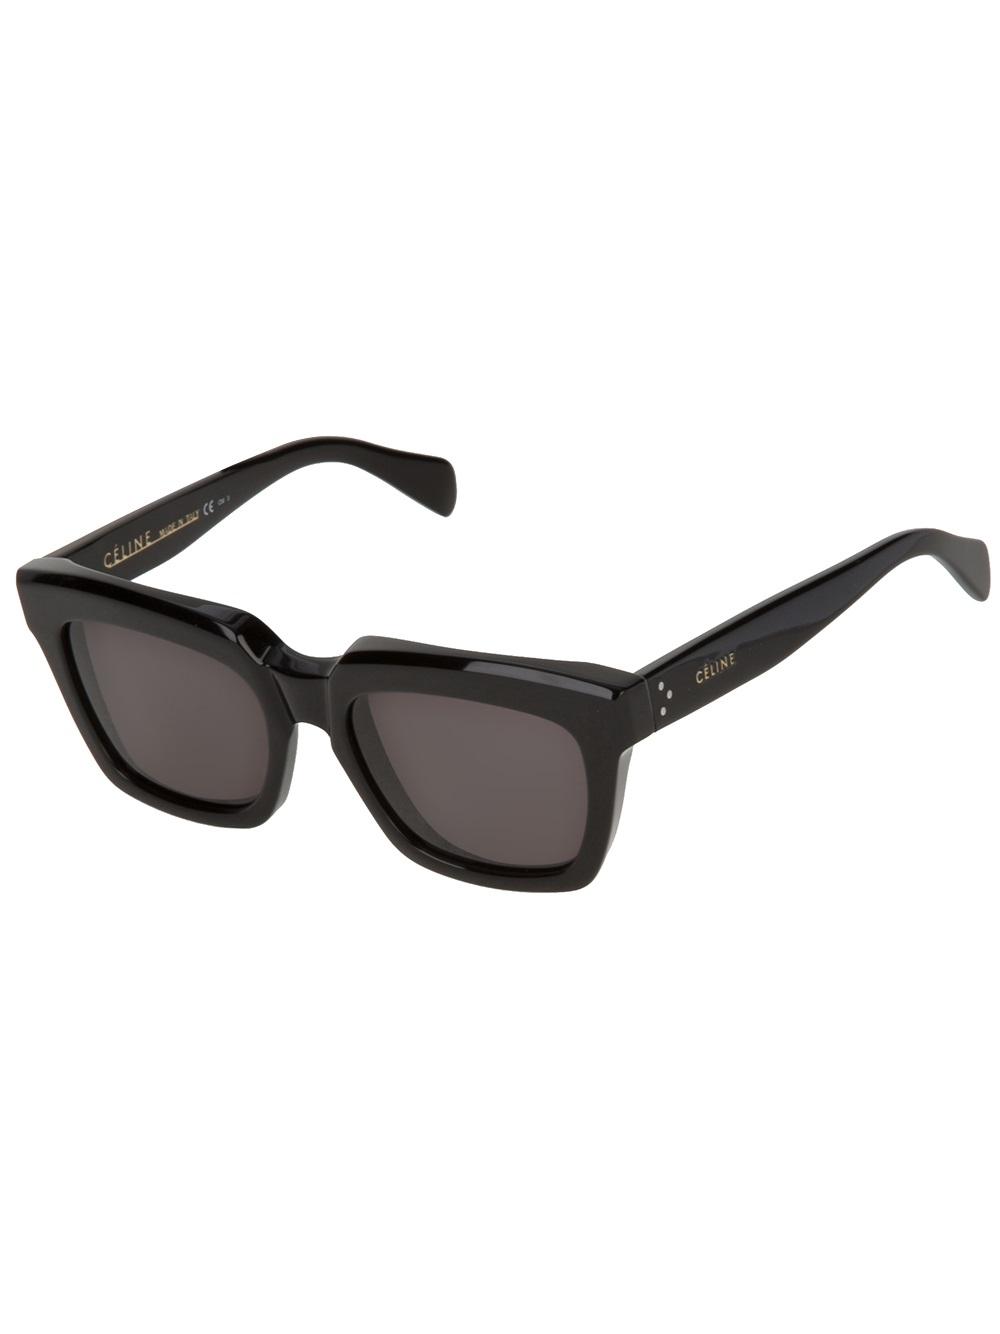 abcd7eb434f Lyst - Céline Square Sunglasses in Black